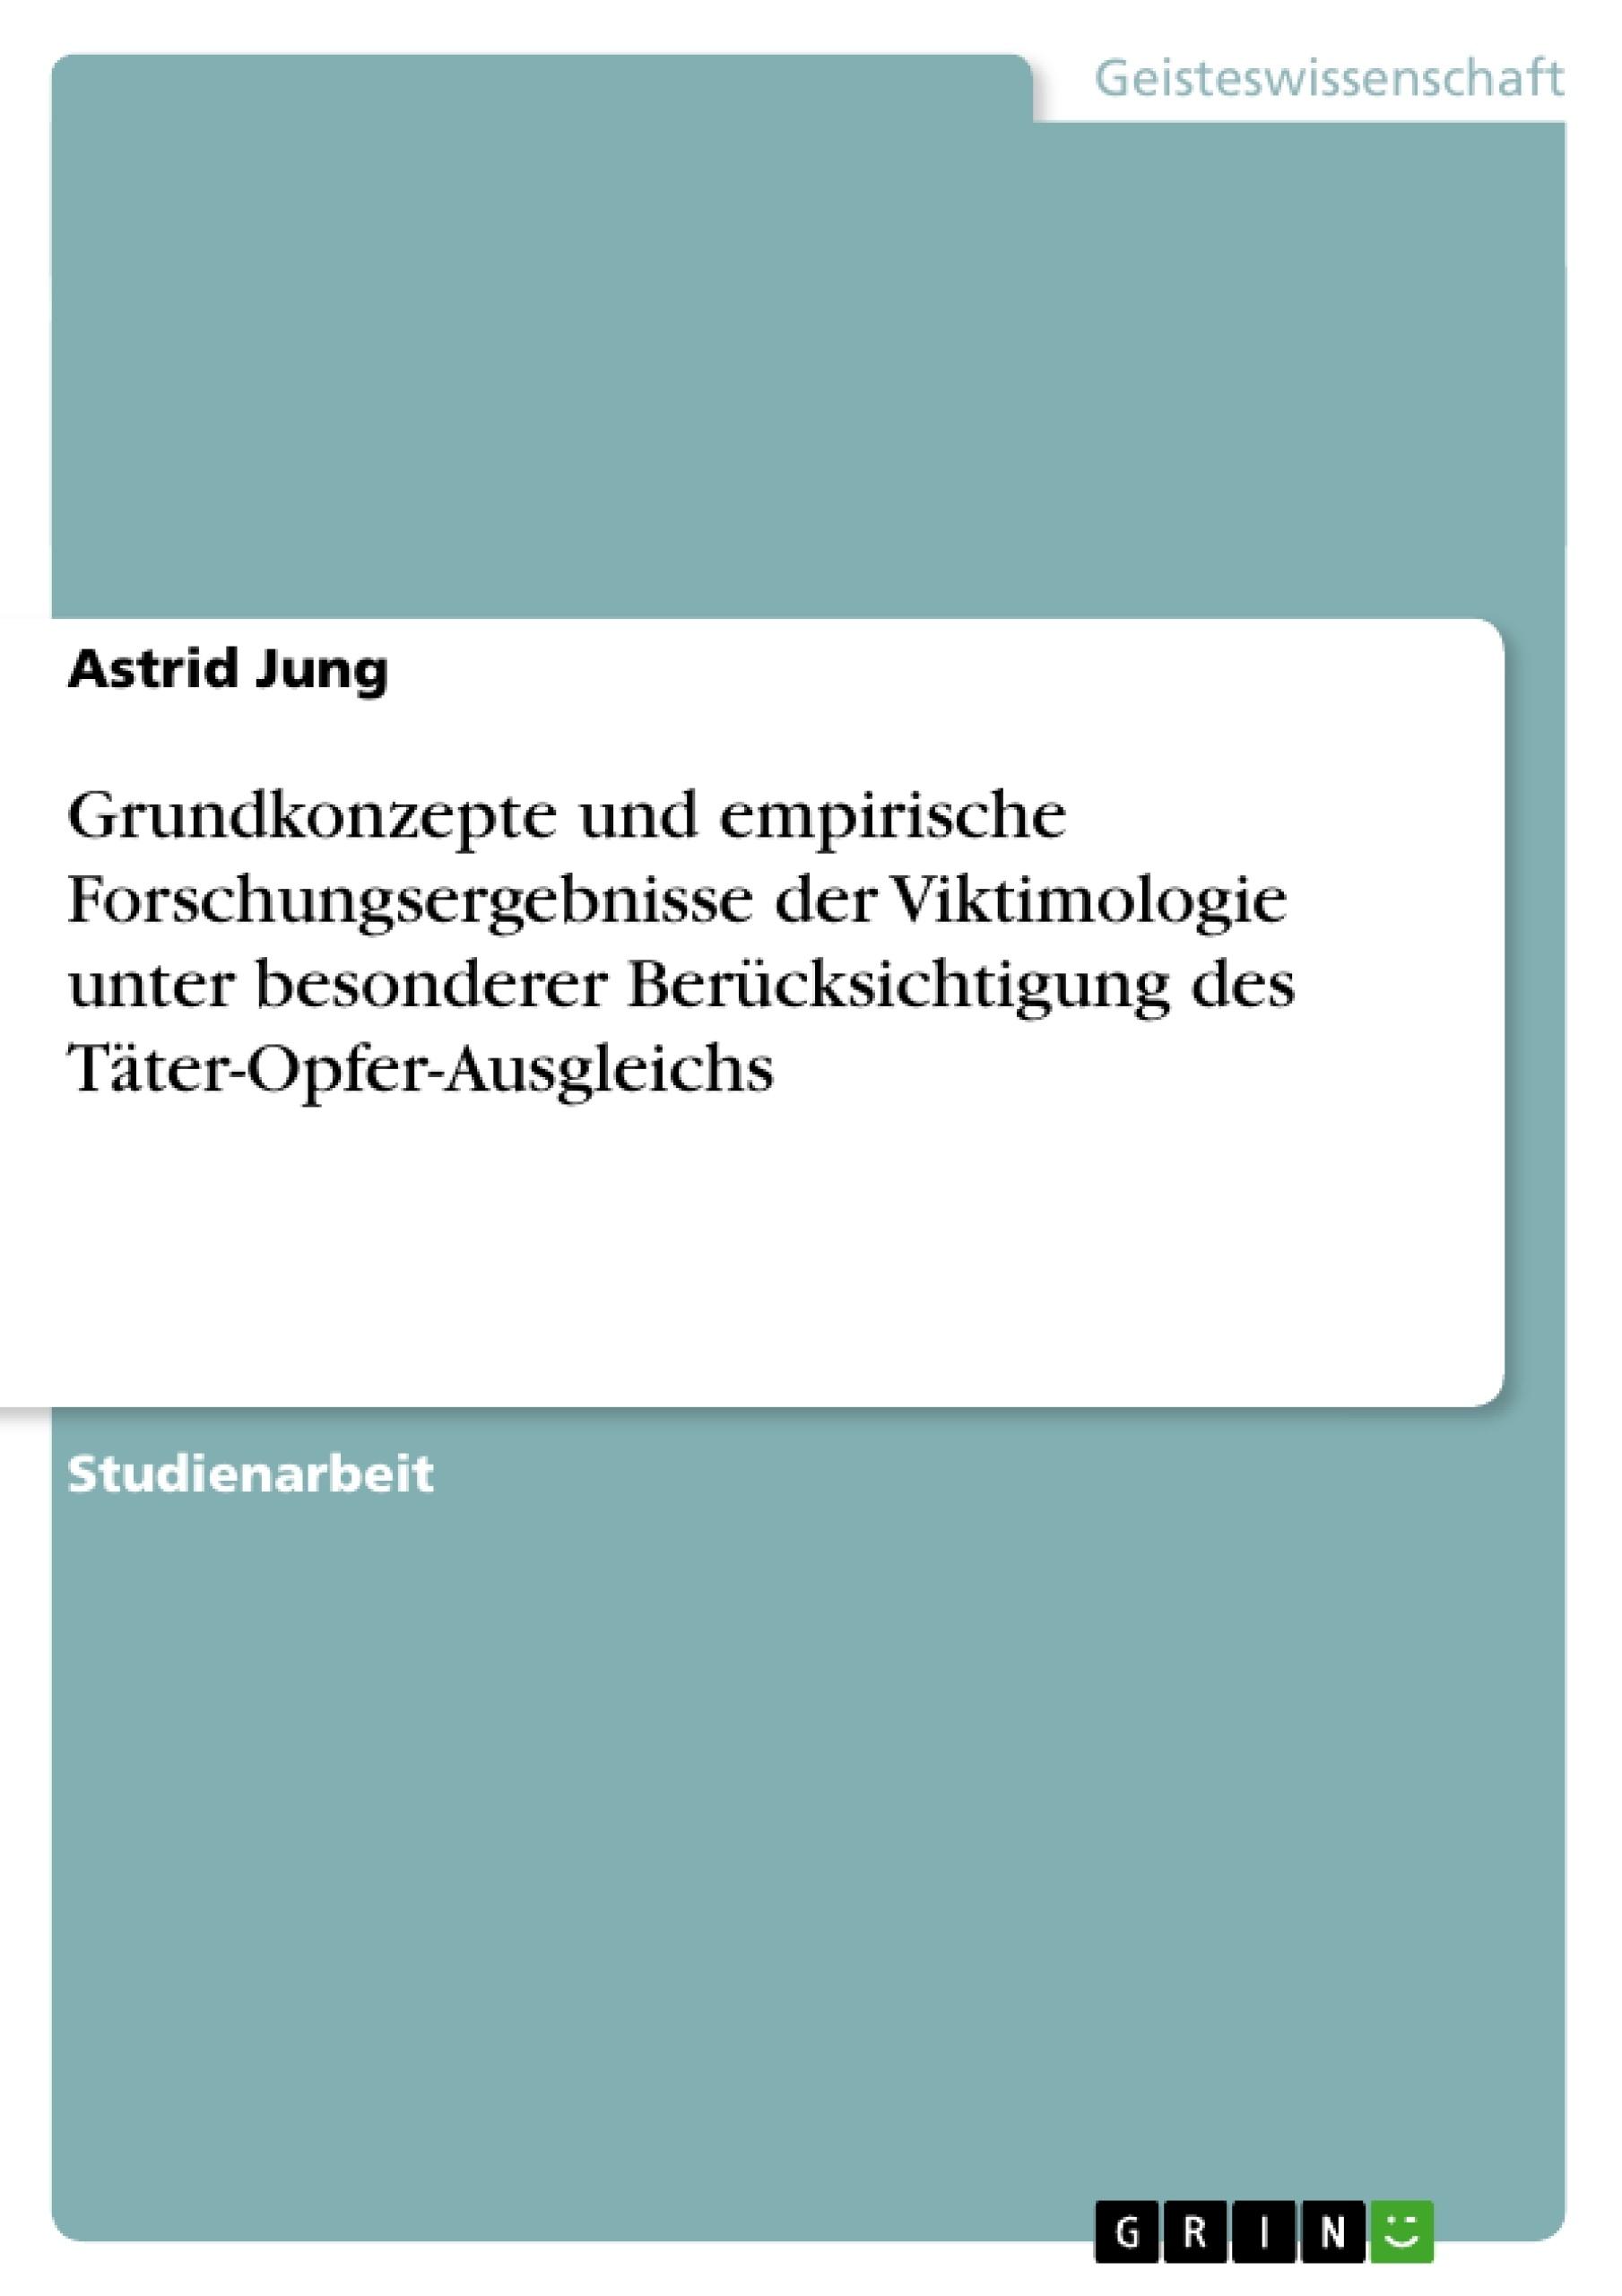 Titel: Grundkonzepte und empirische Forschungsergebnisse der Viktimologie unter besonderer Berücksichtigung des Täter-Opfer-Ausgleichs